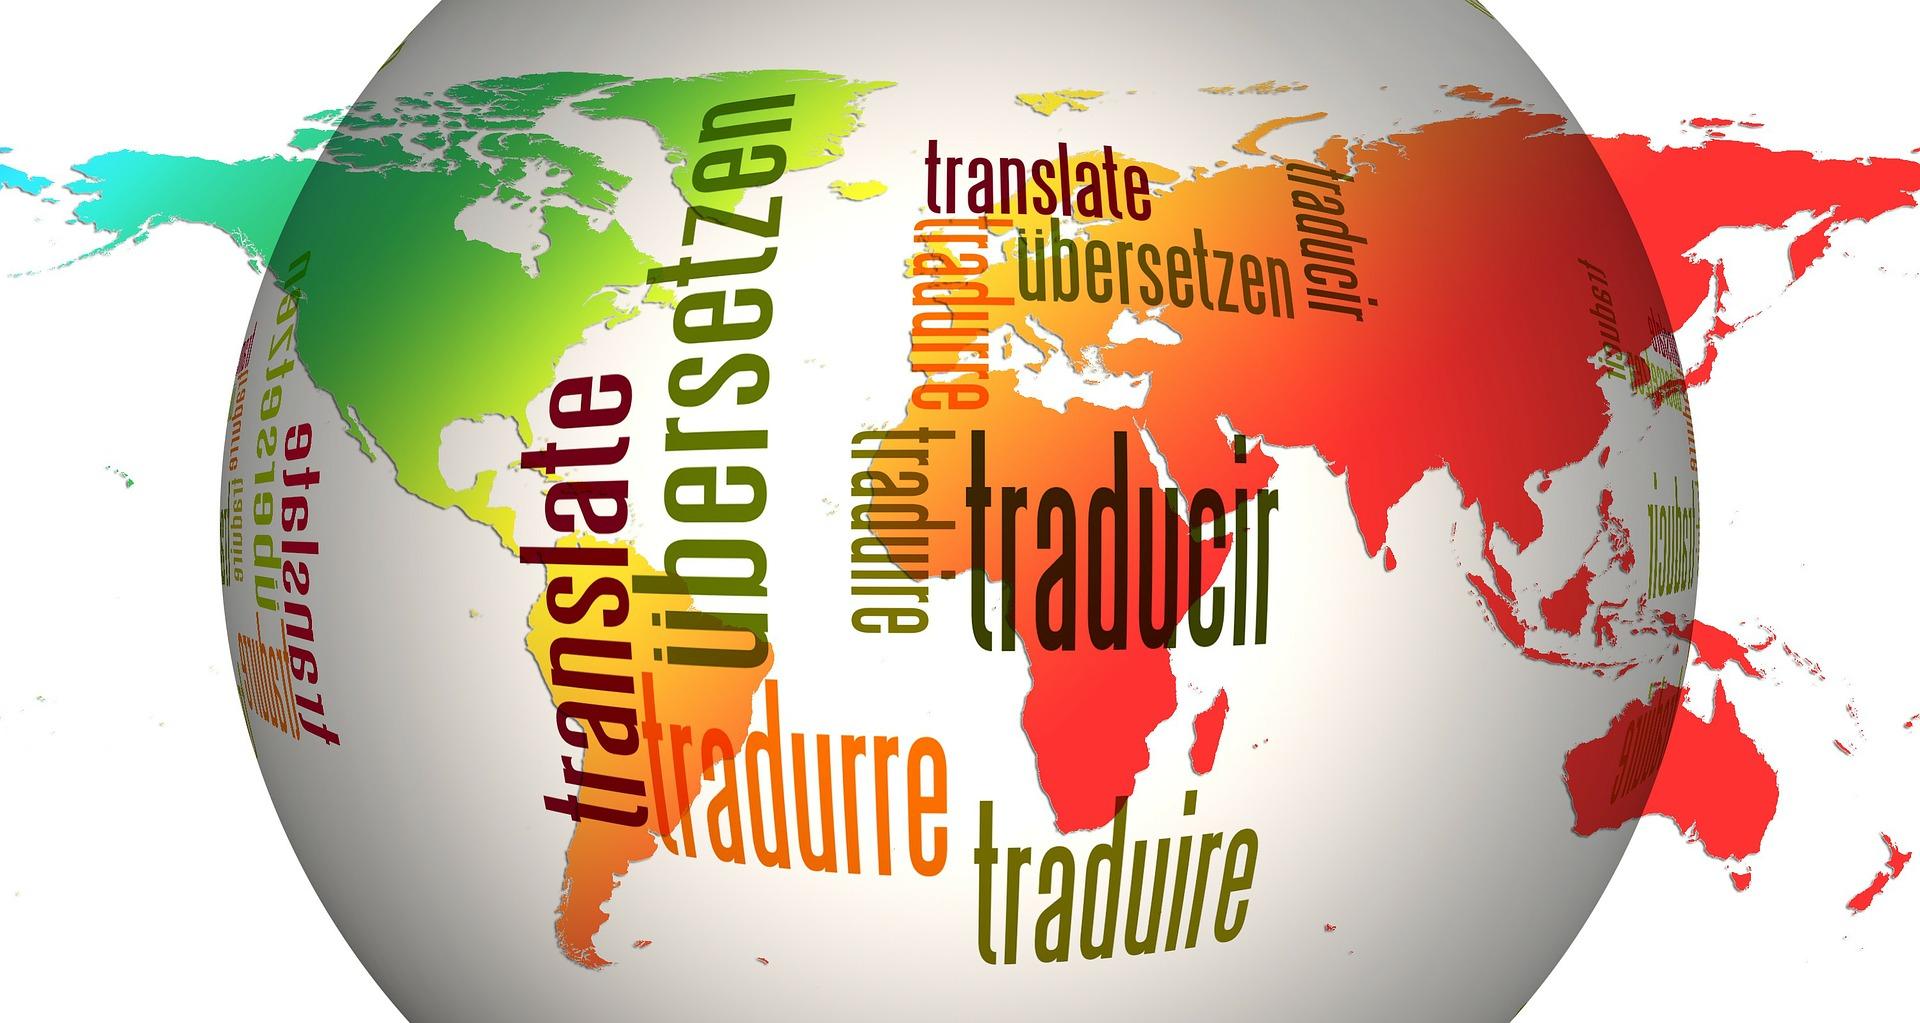 Překlady a tlumočení do maďarského jazyka, soudní ověření